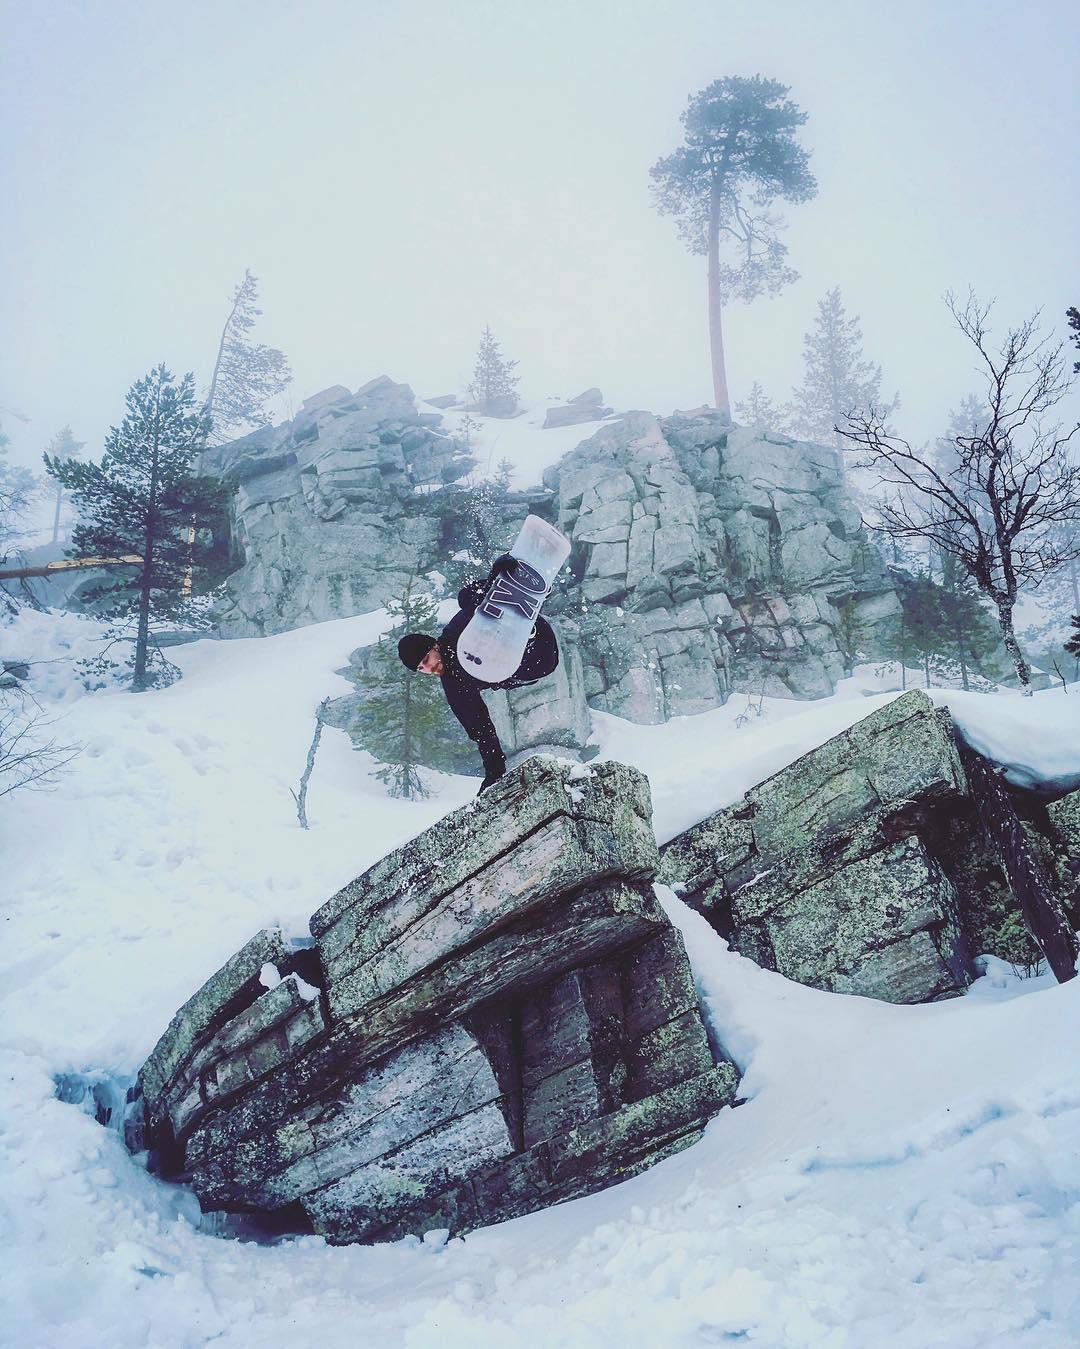 Sick shot of @zakkezakke #Finland